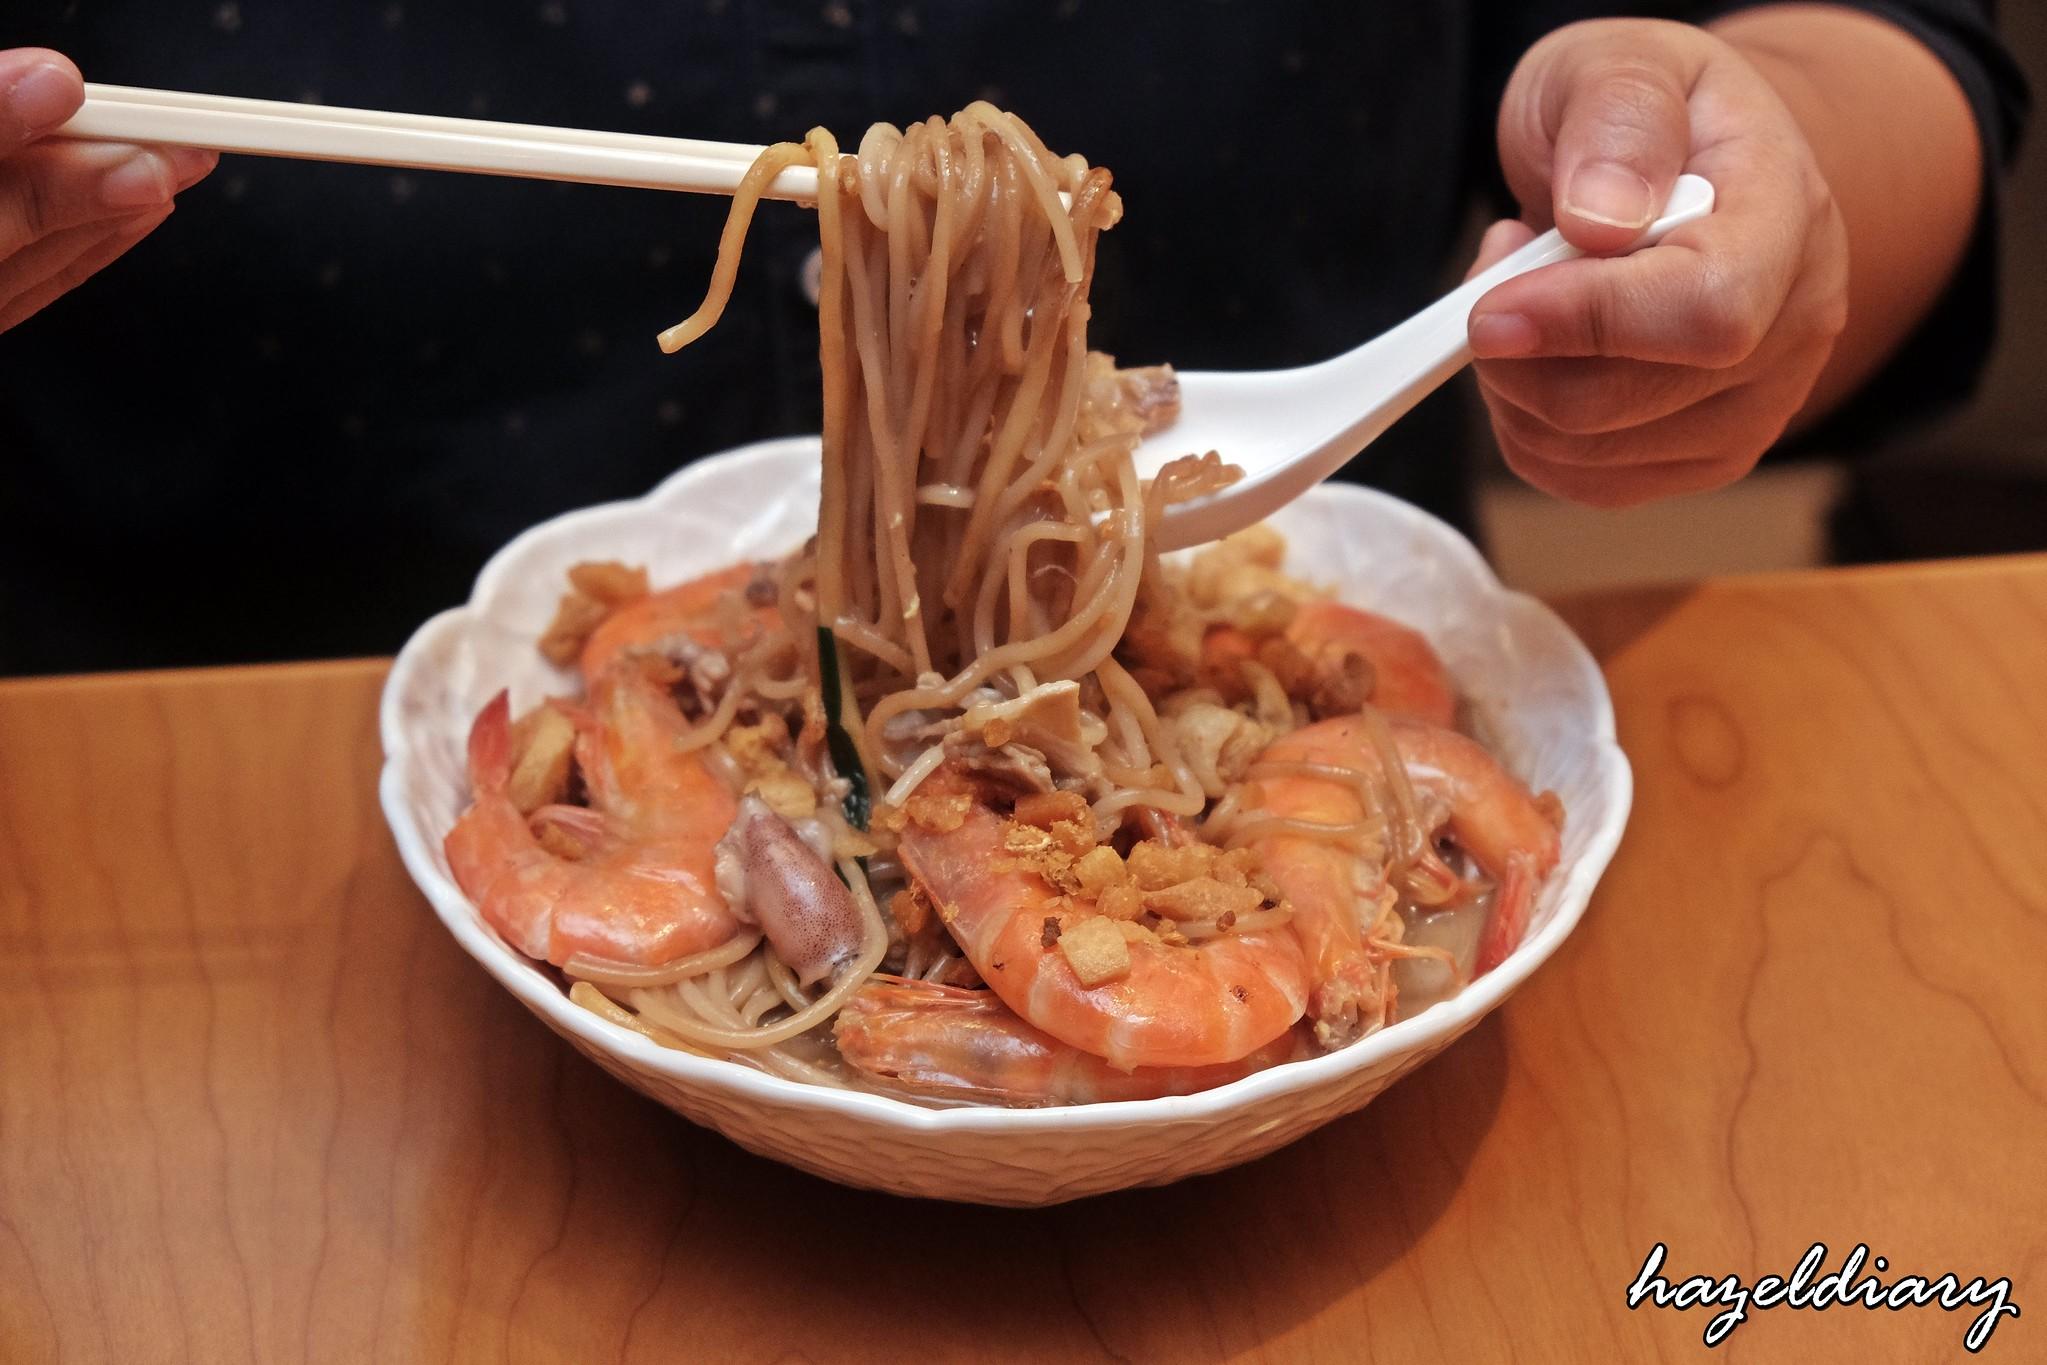 New Ubin Seafood Zhongshan Park-Hokkien Mee